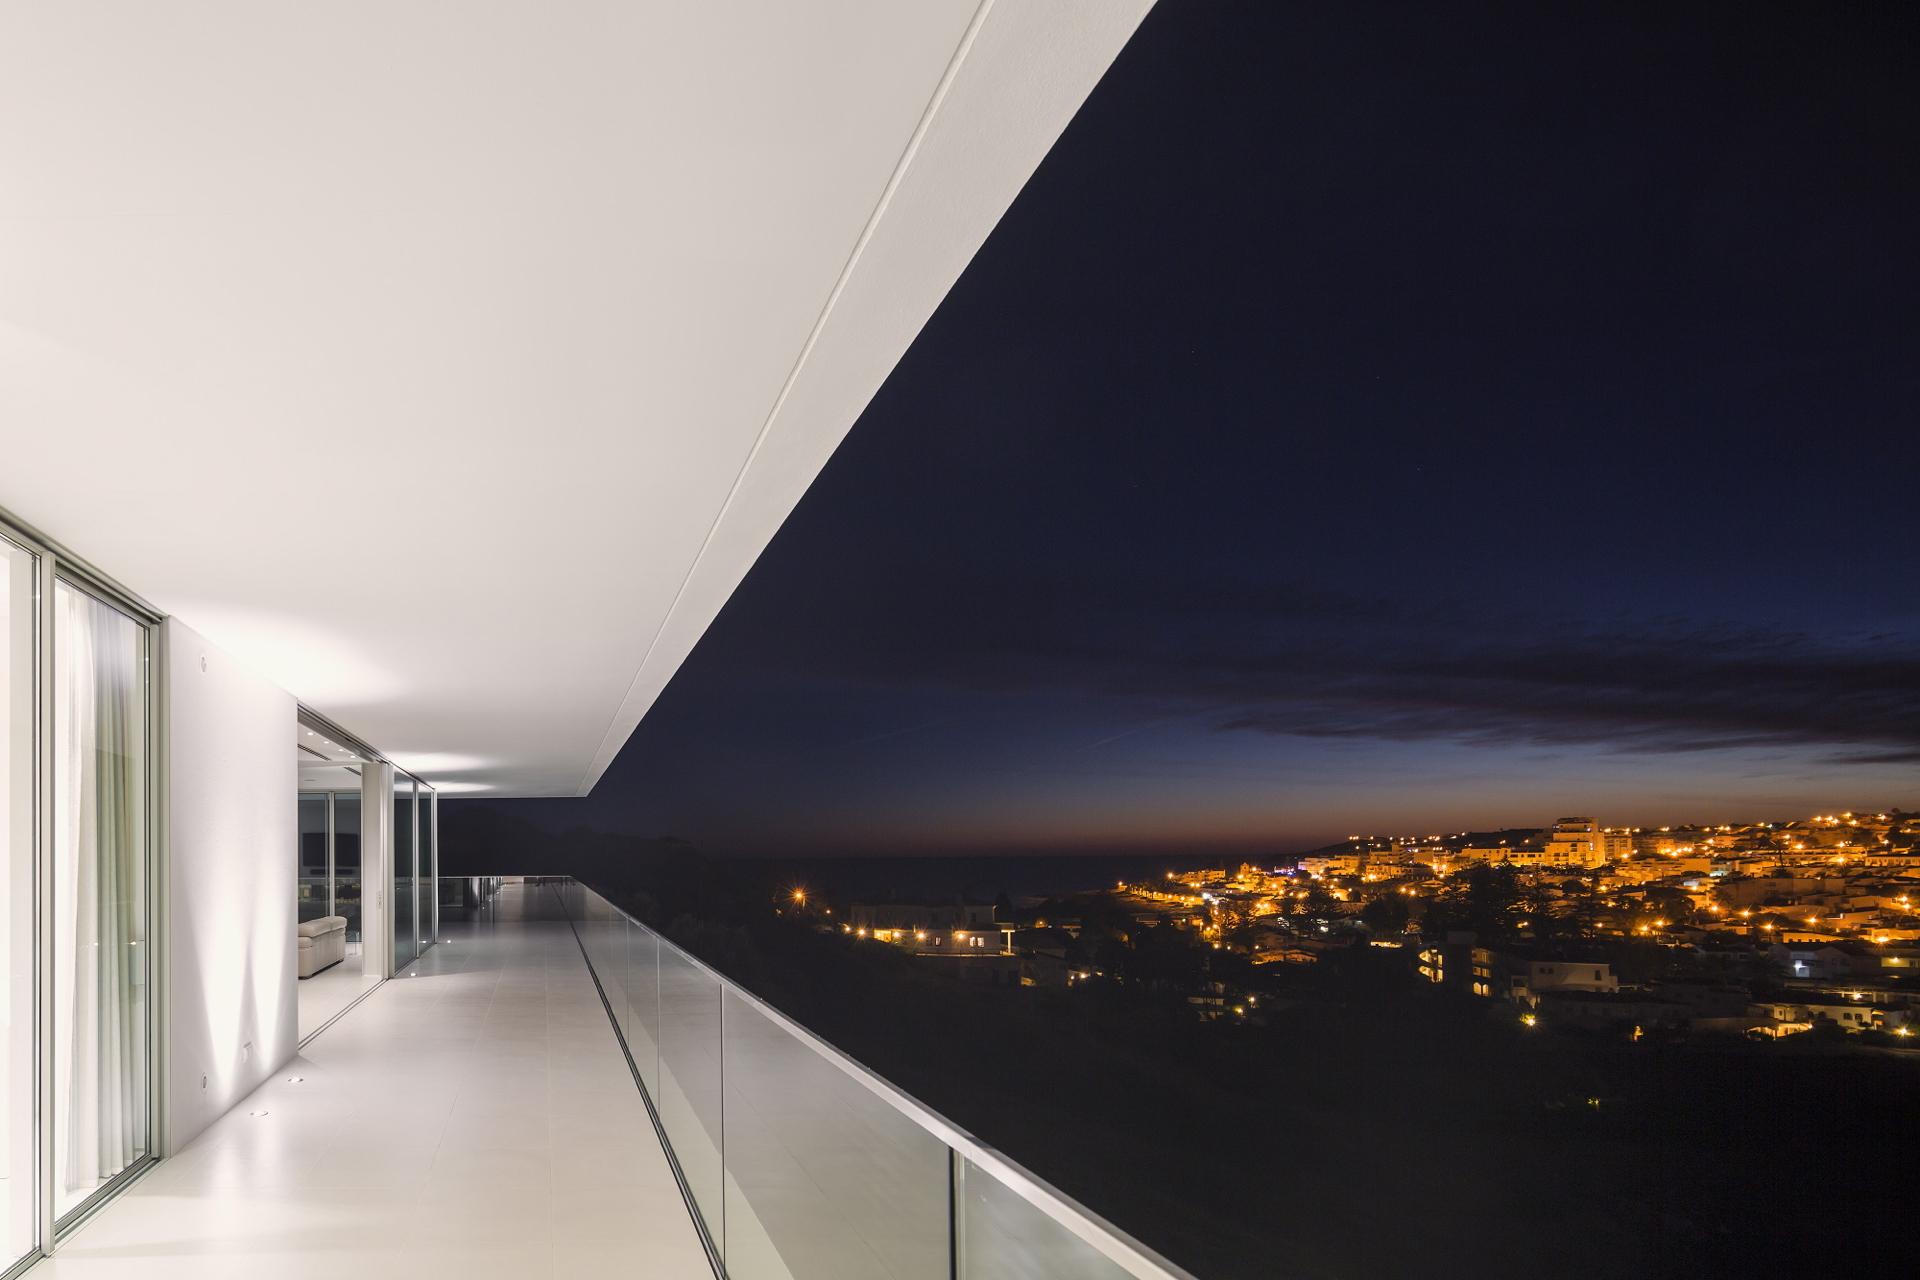 Intervista all'architetto portoghese Mario Martins